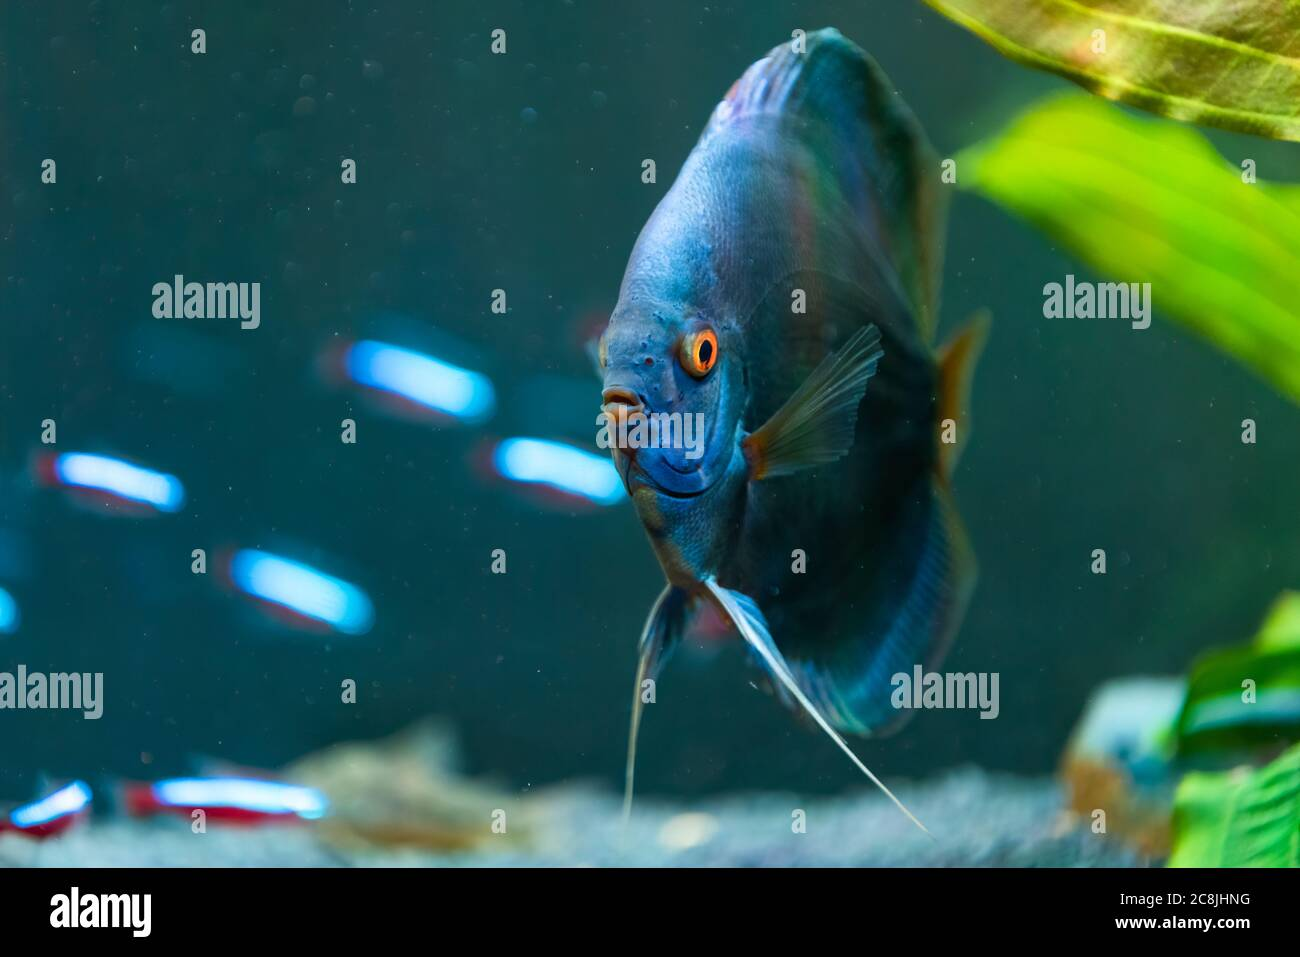 Gros plan d'un poisson bleu tropical Symphysodon discus dans un bassin de poissons. Banque D'Images